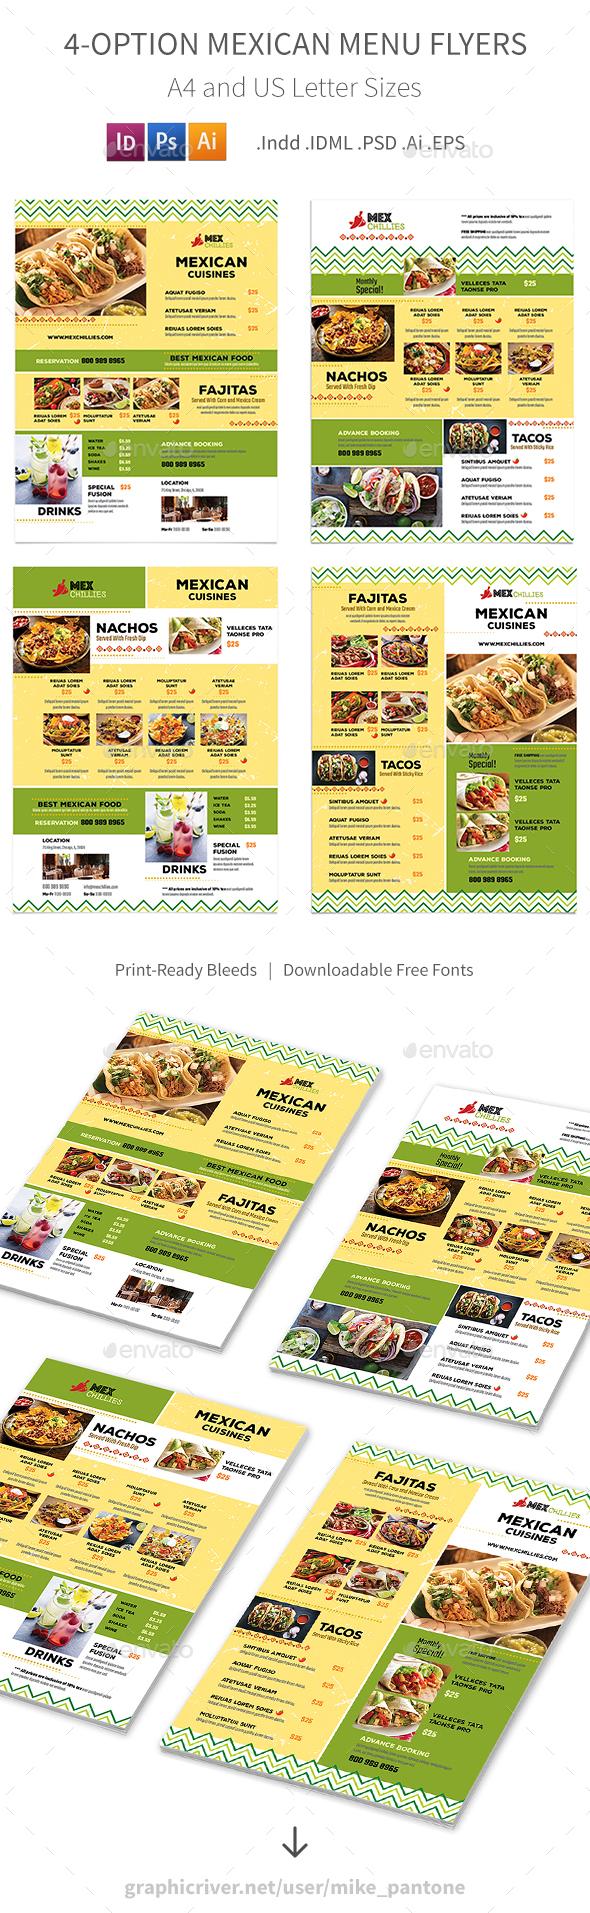 Mexican Restaurant Menu Flyers 2 – 4 Options - Food Menus Print Templates